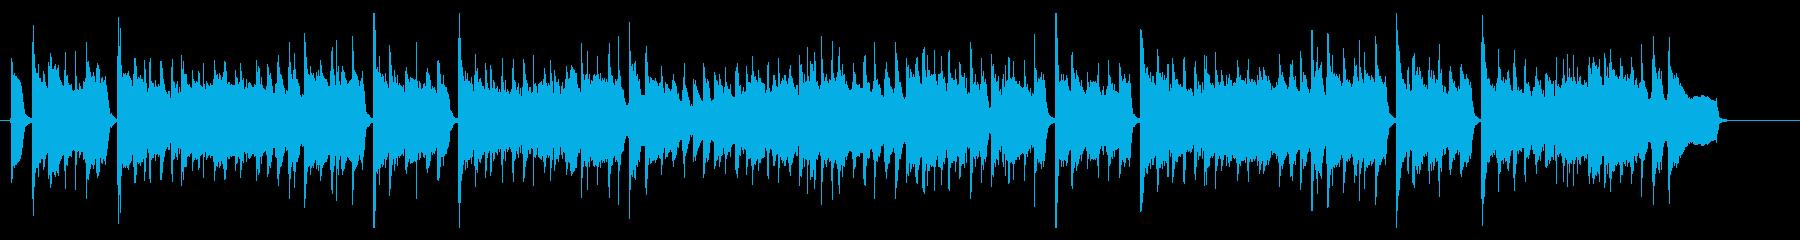 アコギの日常系BGMの再生済みの波形